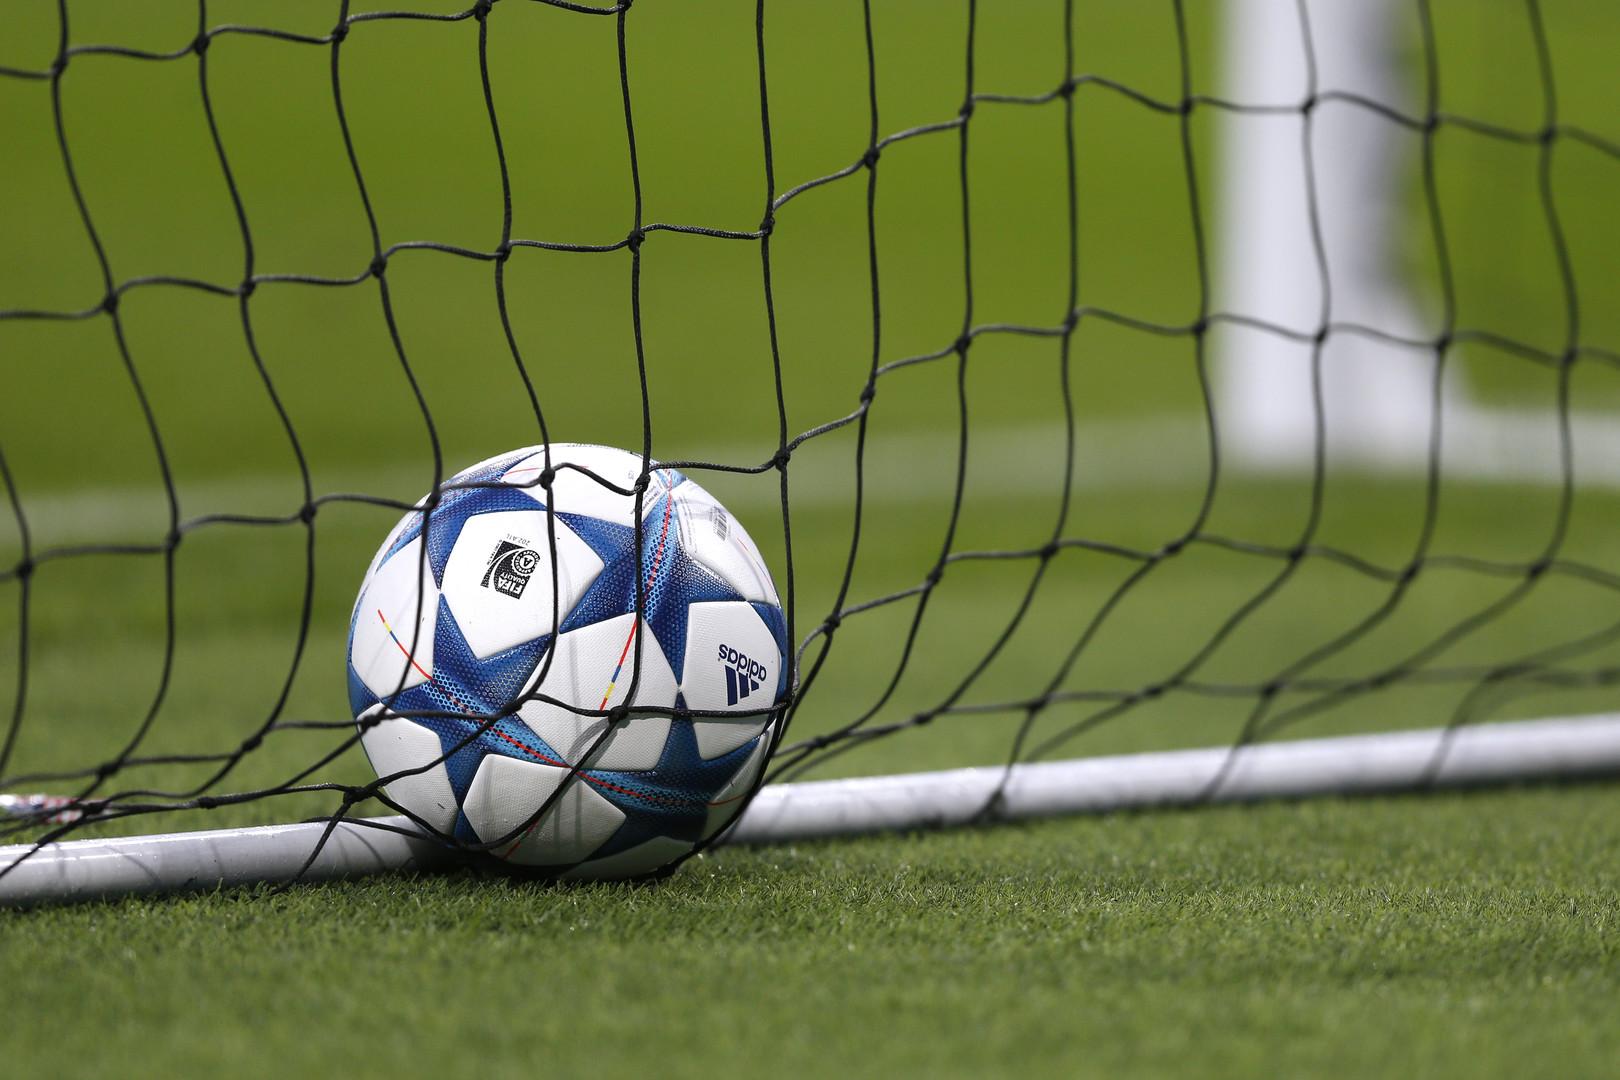 «Вопиющая ситуация»: как литовские судьи не засчитали чистый гол «Краснодара» в матче Лиги Европы